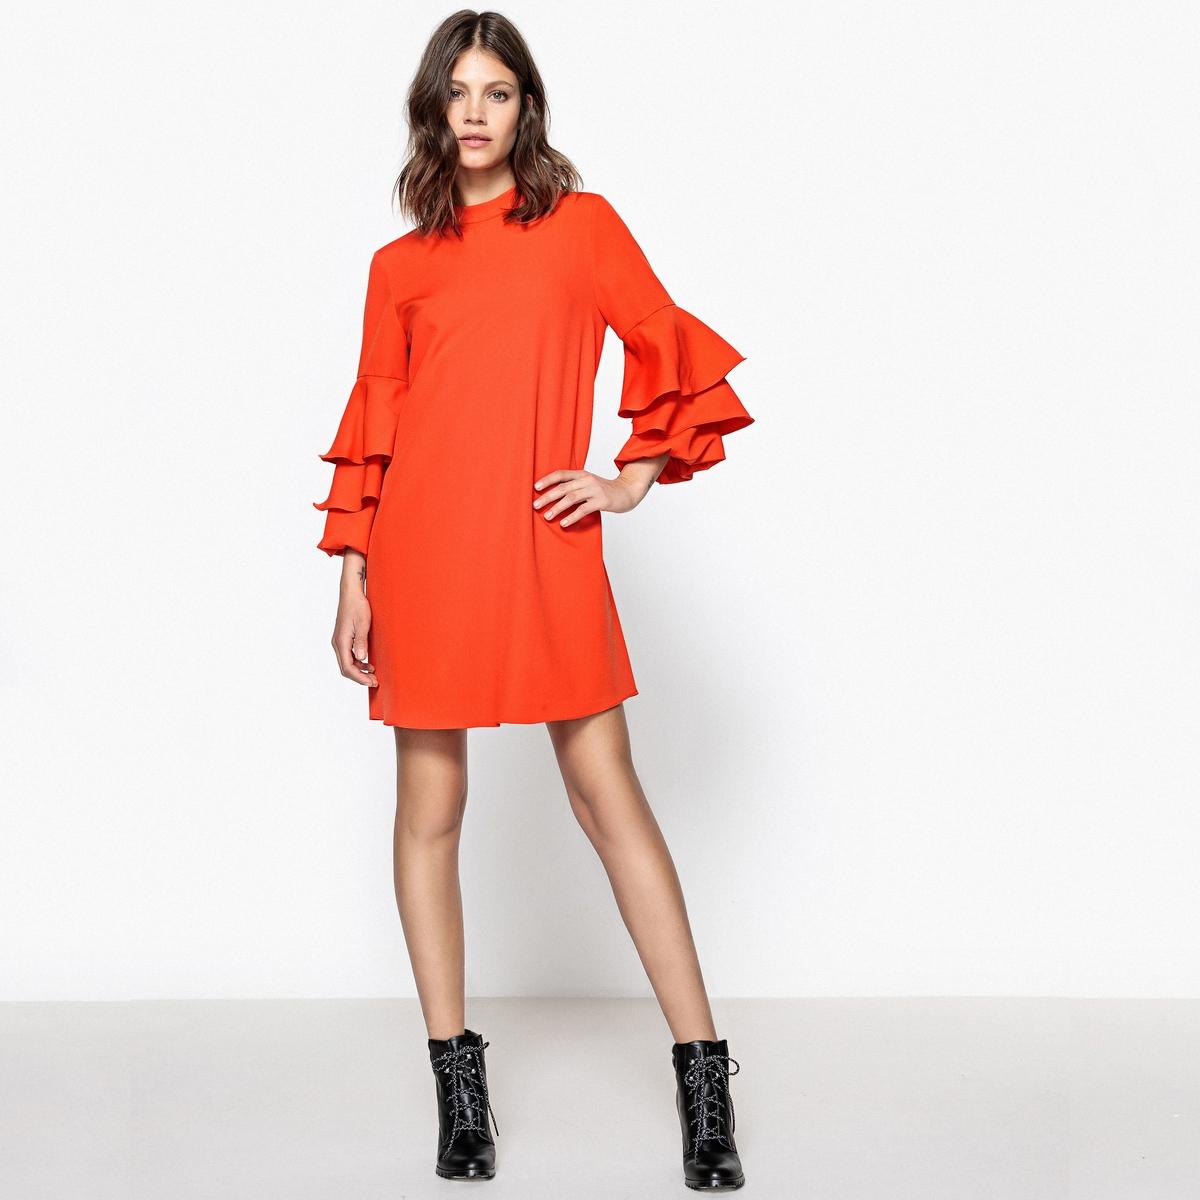 Платье прямое с 3 воланами на рукавах